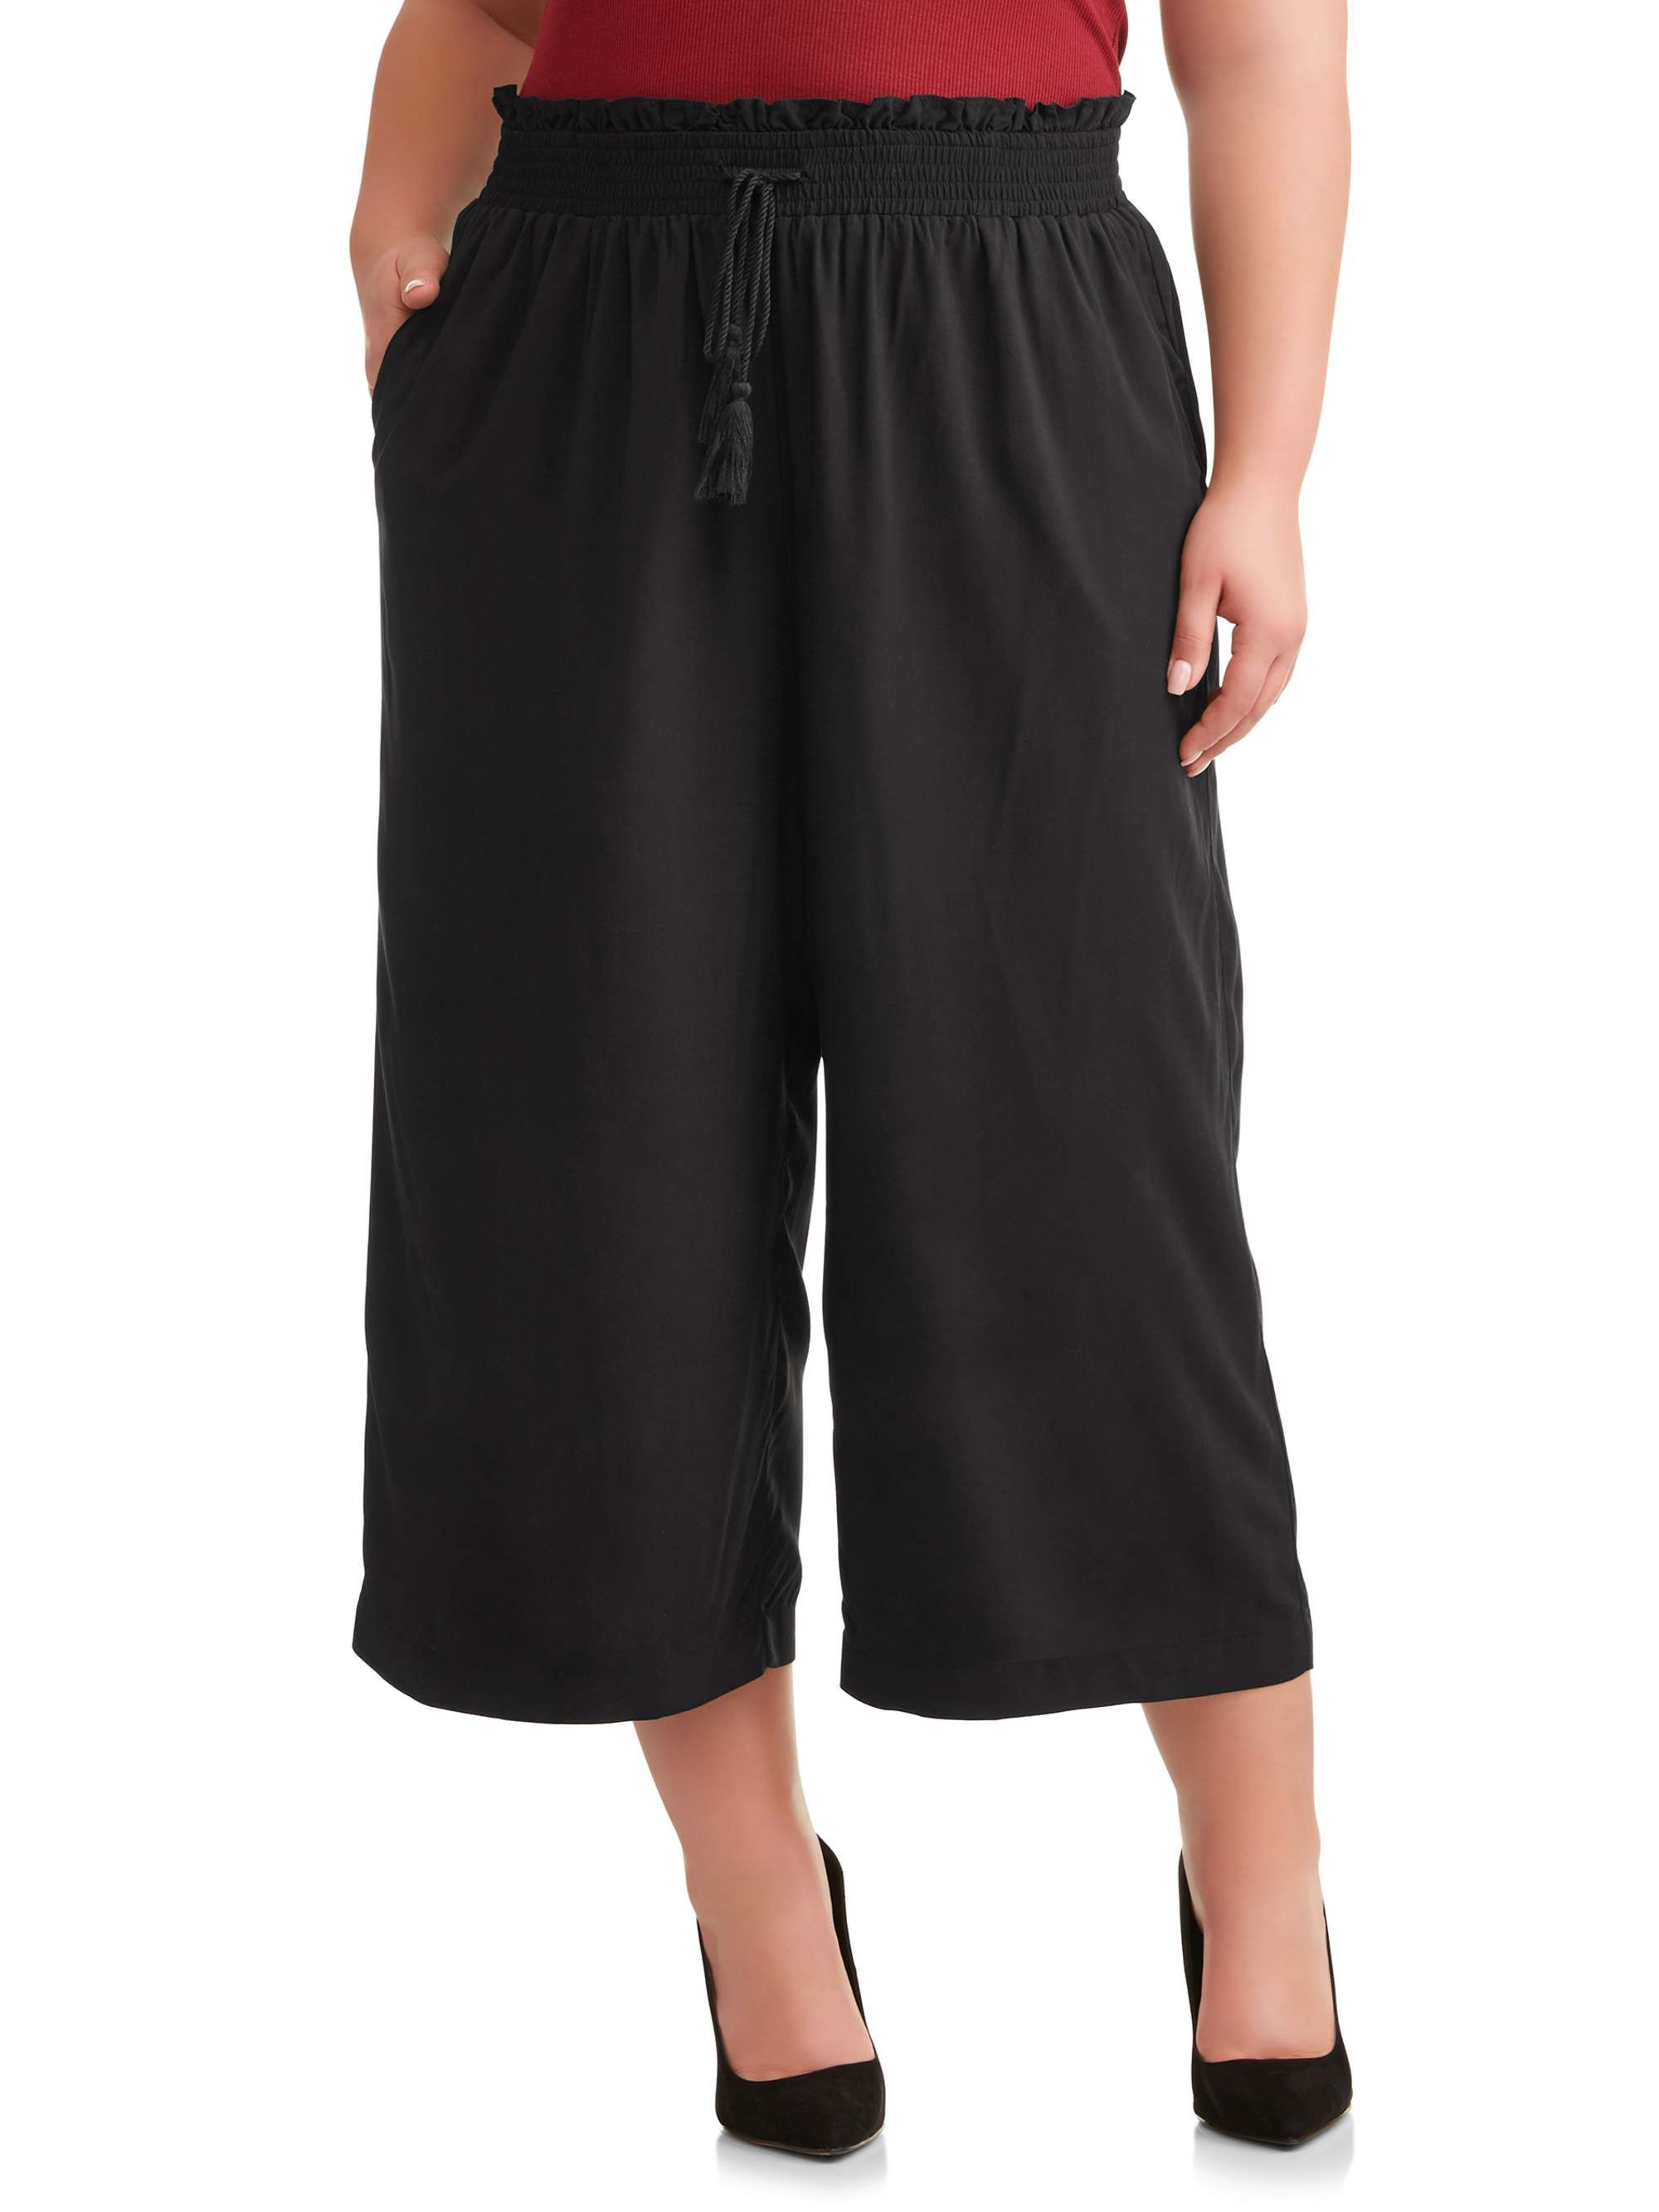 Terra Sky Terra Sky Women S Plus Size Solid Wide Leg Cropped Pant Walmart Com Wide Leg Cropped Pants Cropped Pants Wide Leg Crop [ 2667 x 2000 Pixel ]